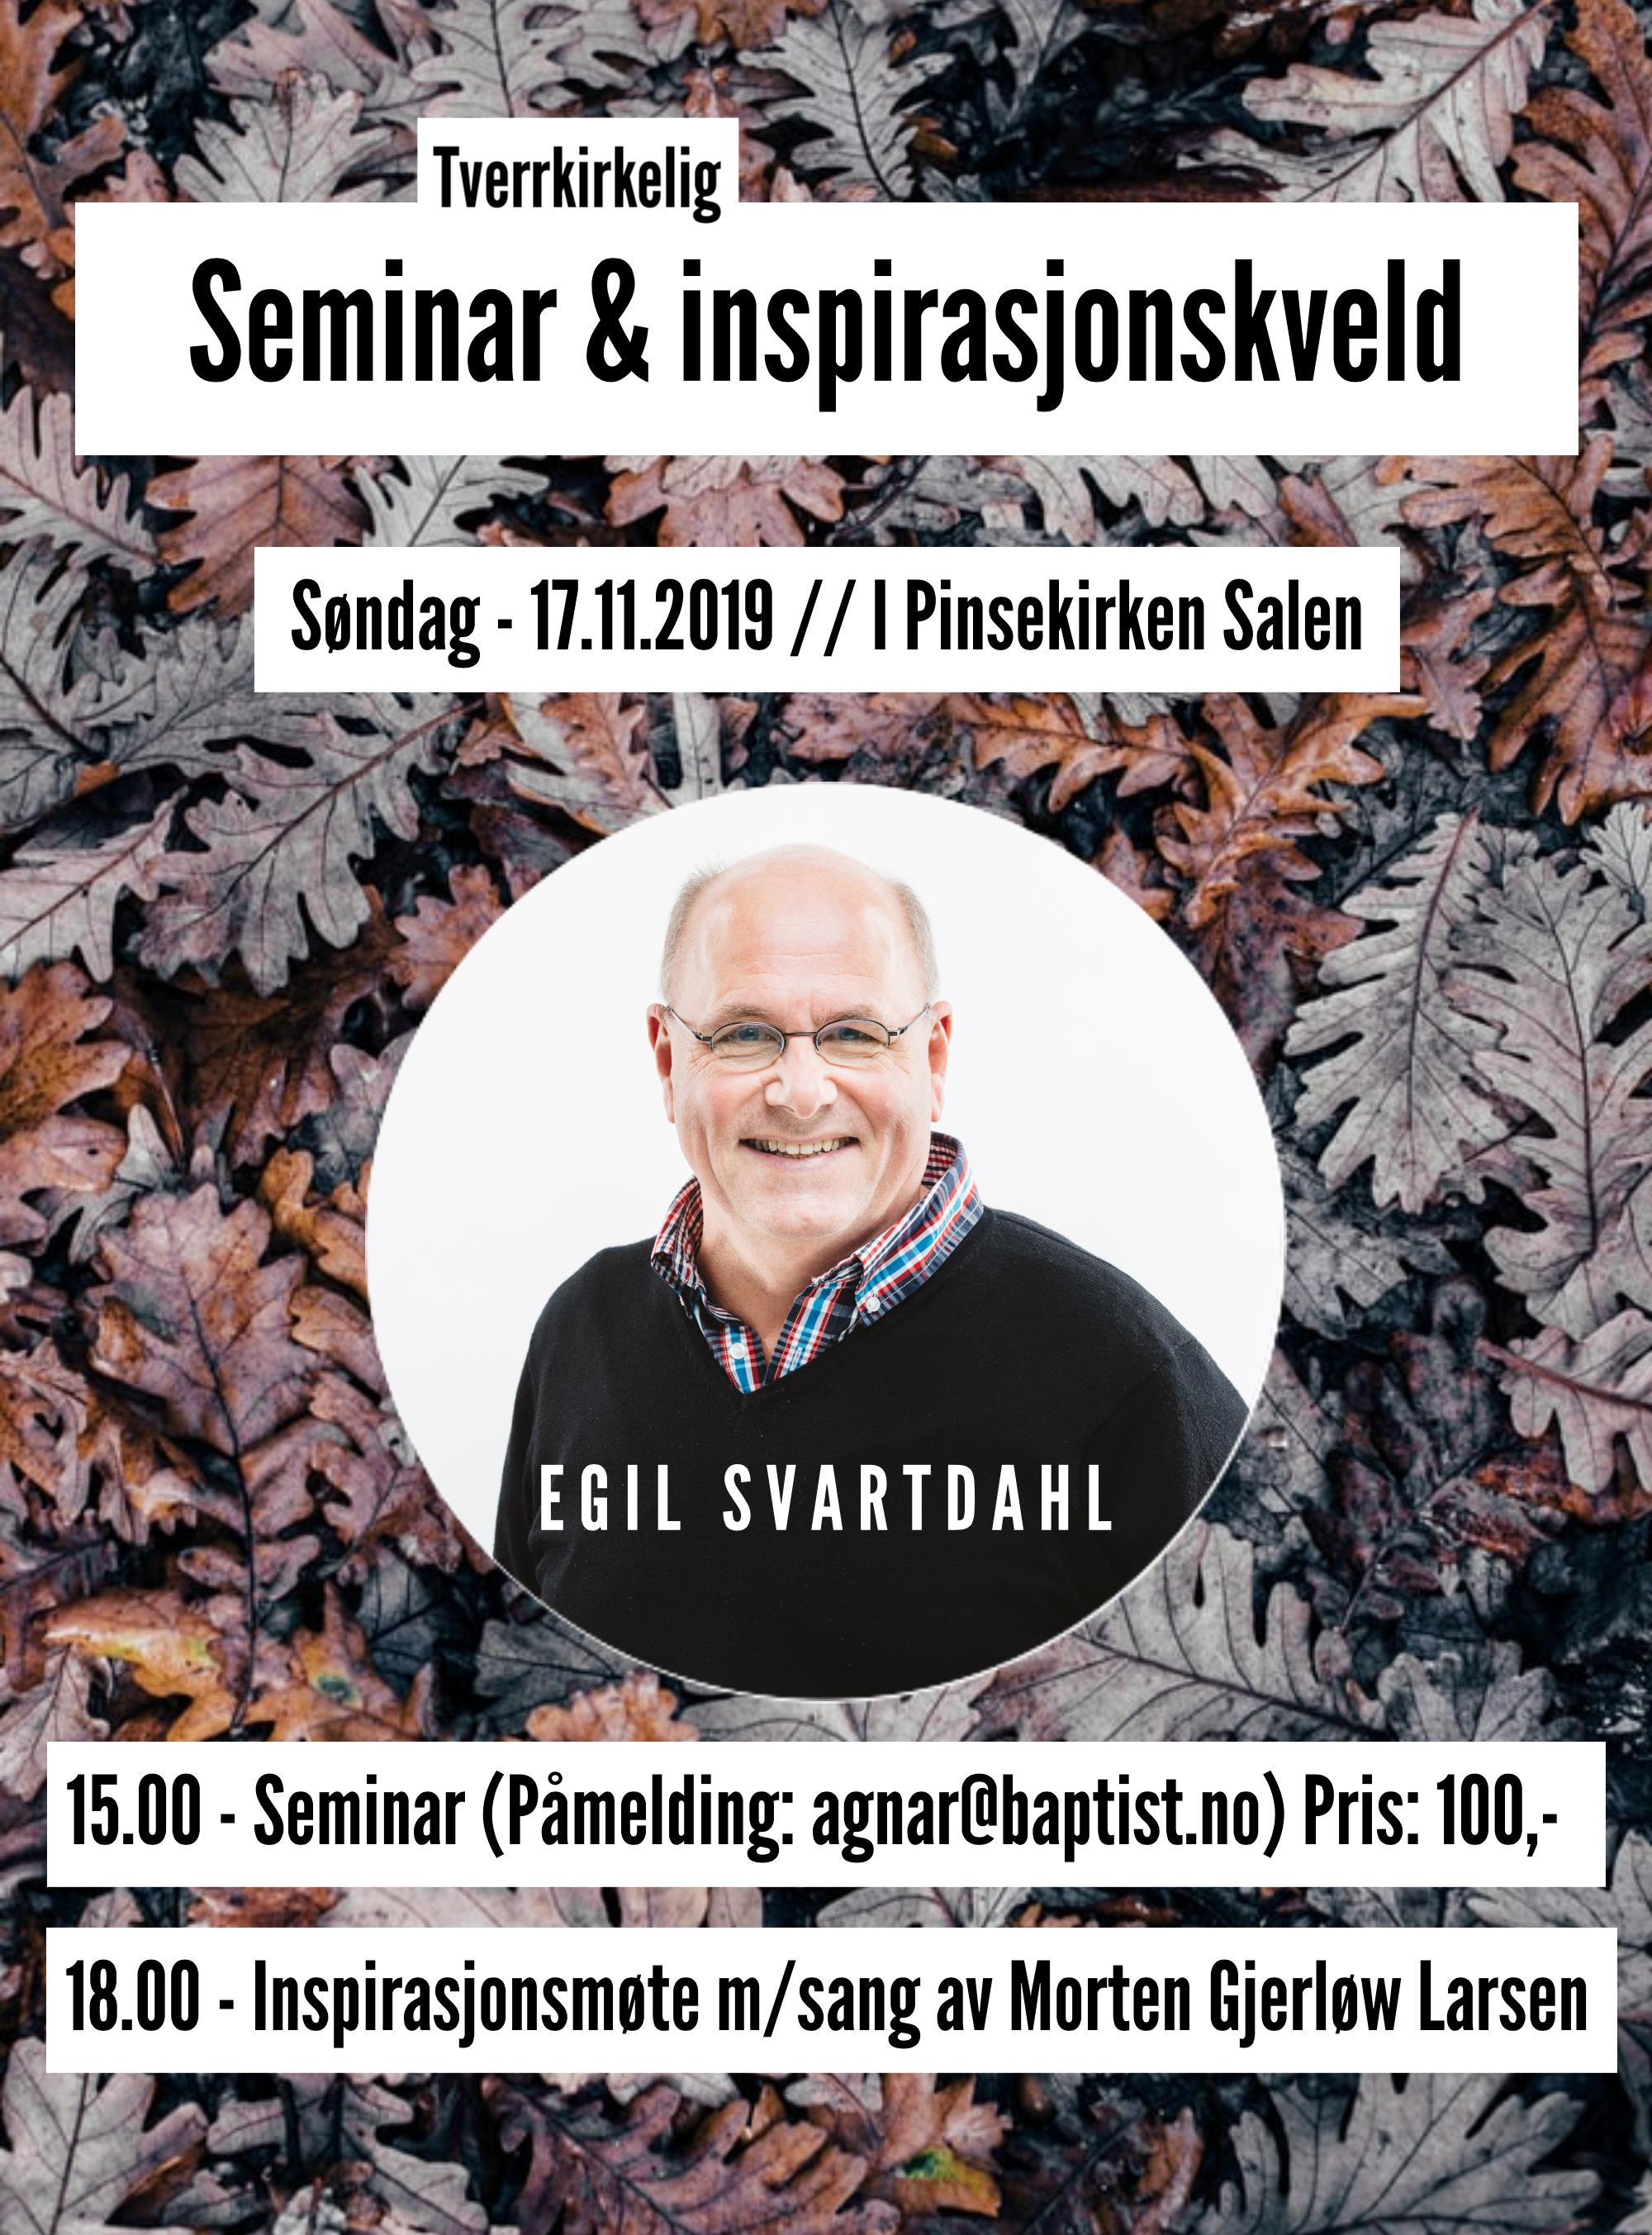 Tverrkirkelig seminar og inspirasjonskveld med Egil Svartdahl